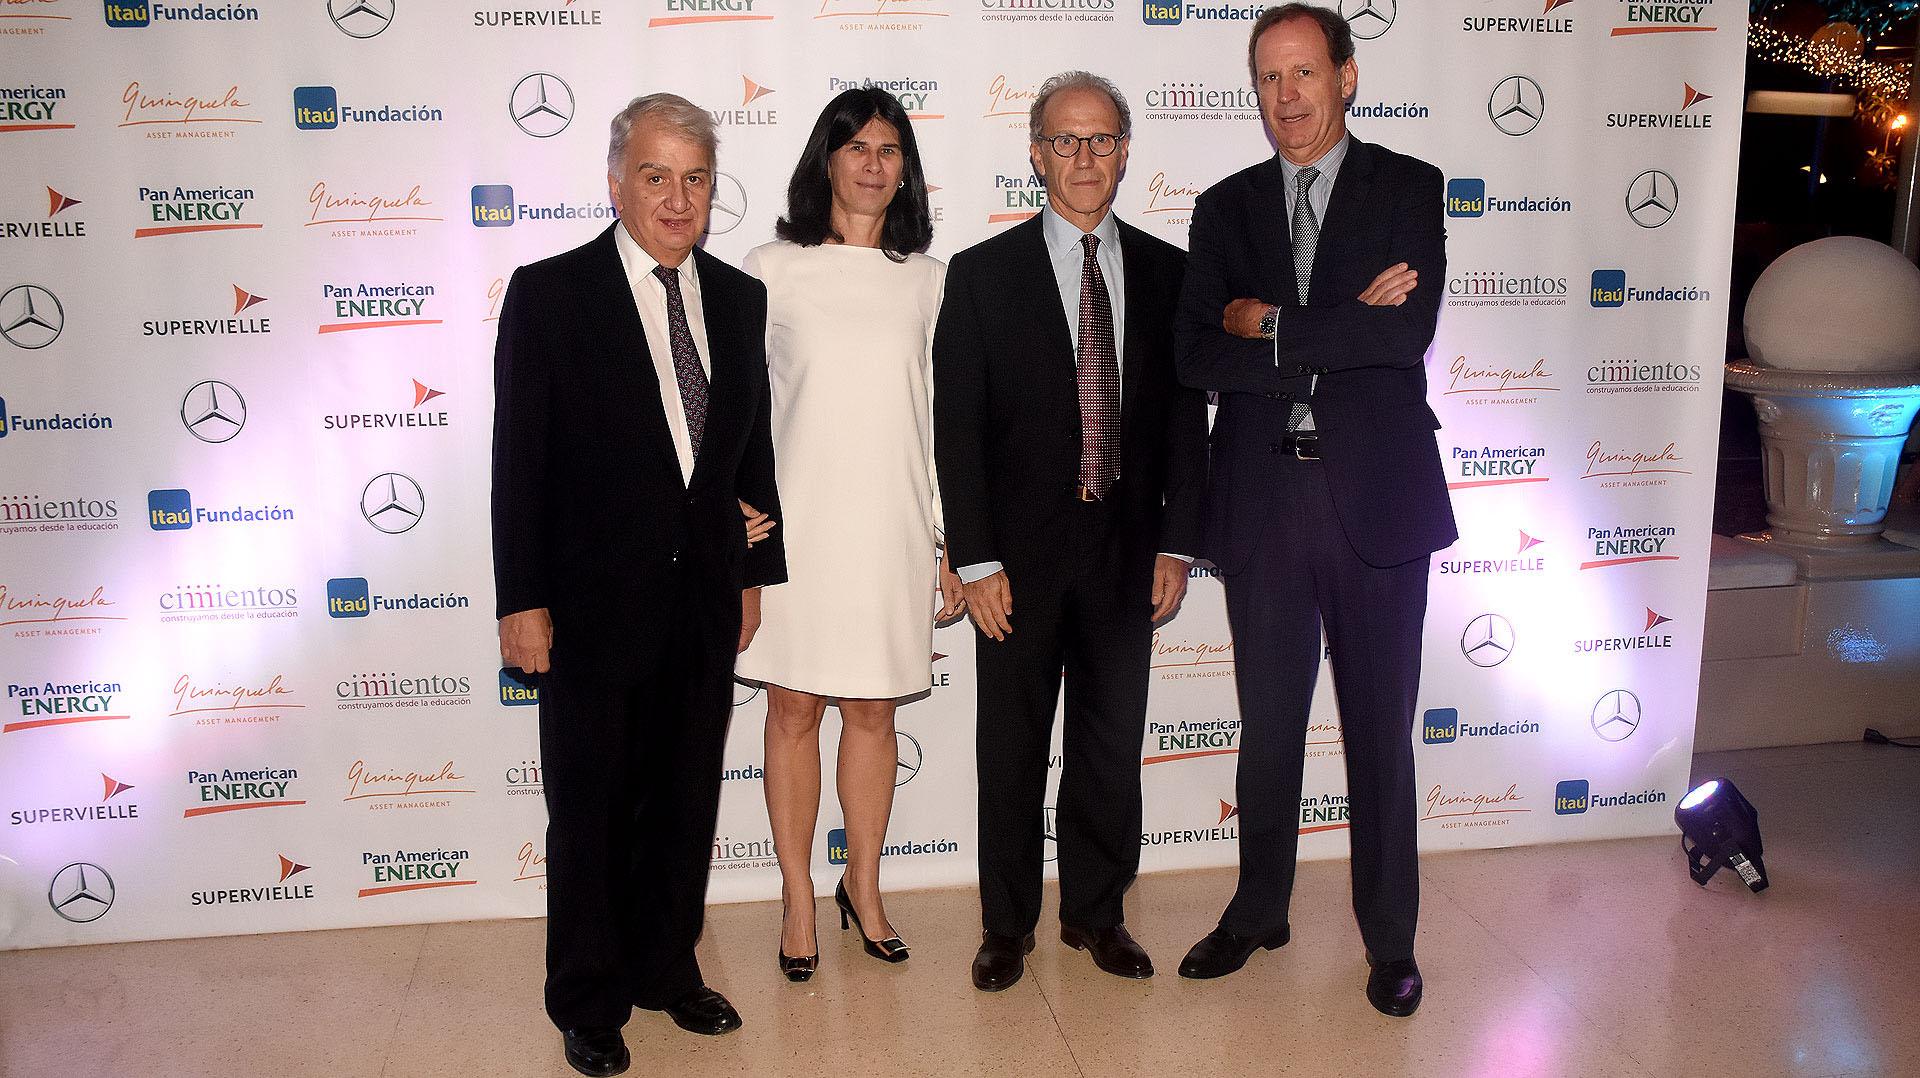 Eduardo Franck, junto a Agustina Cavanagh miembro del consejo de Cimientos, junto a su marido Carlos Rosenkrantz, juez de la Corte Suprema de la Justicia de la Nación y Miguel Blaquier